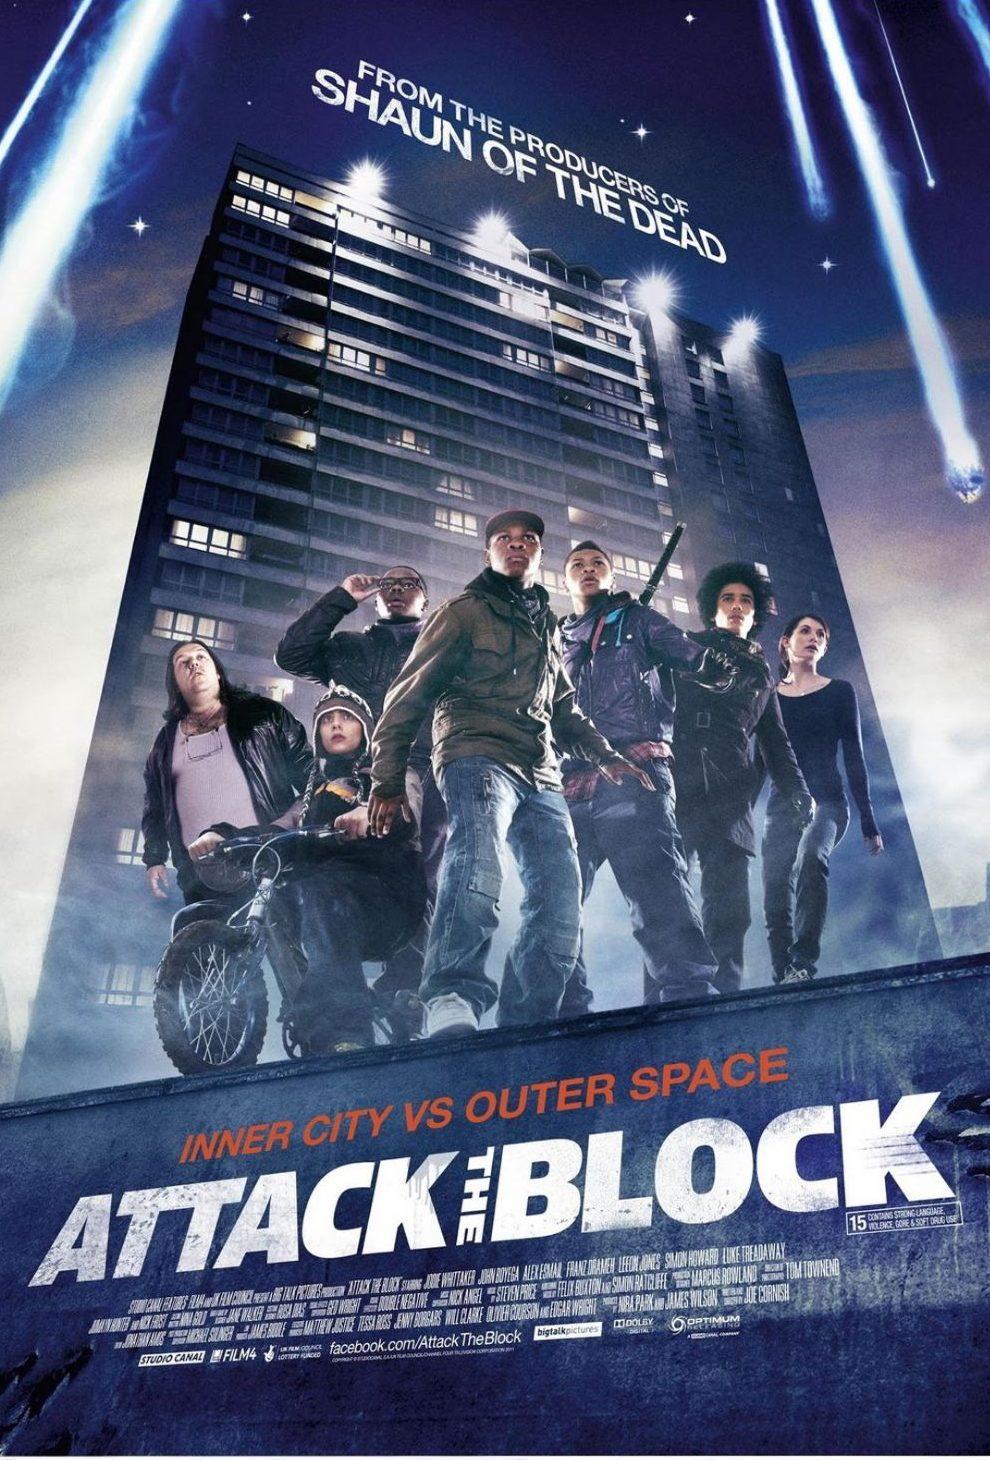 attackthebloxkposter-e1468984884603.jpg